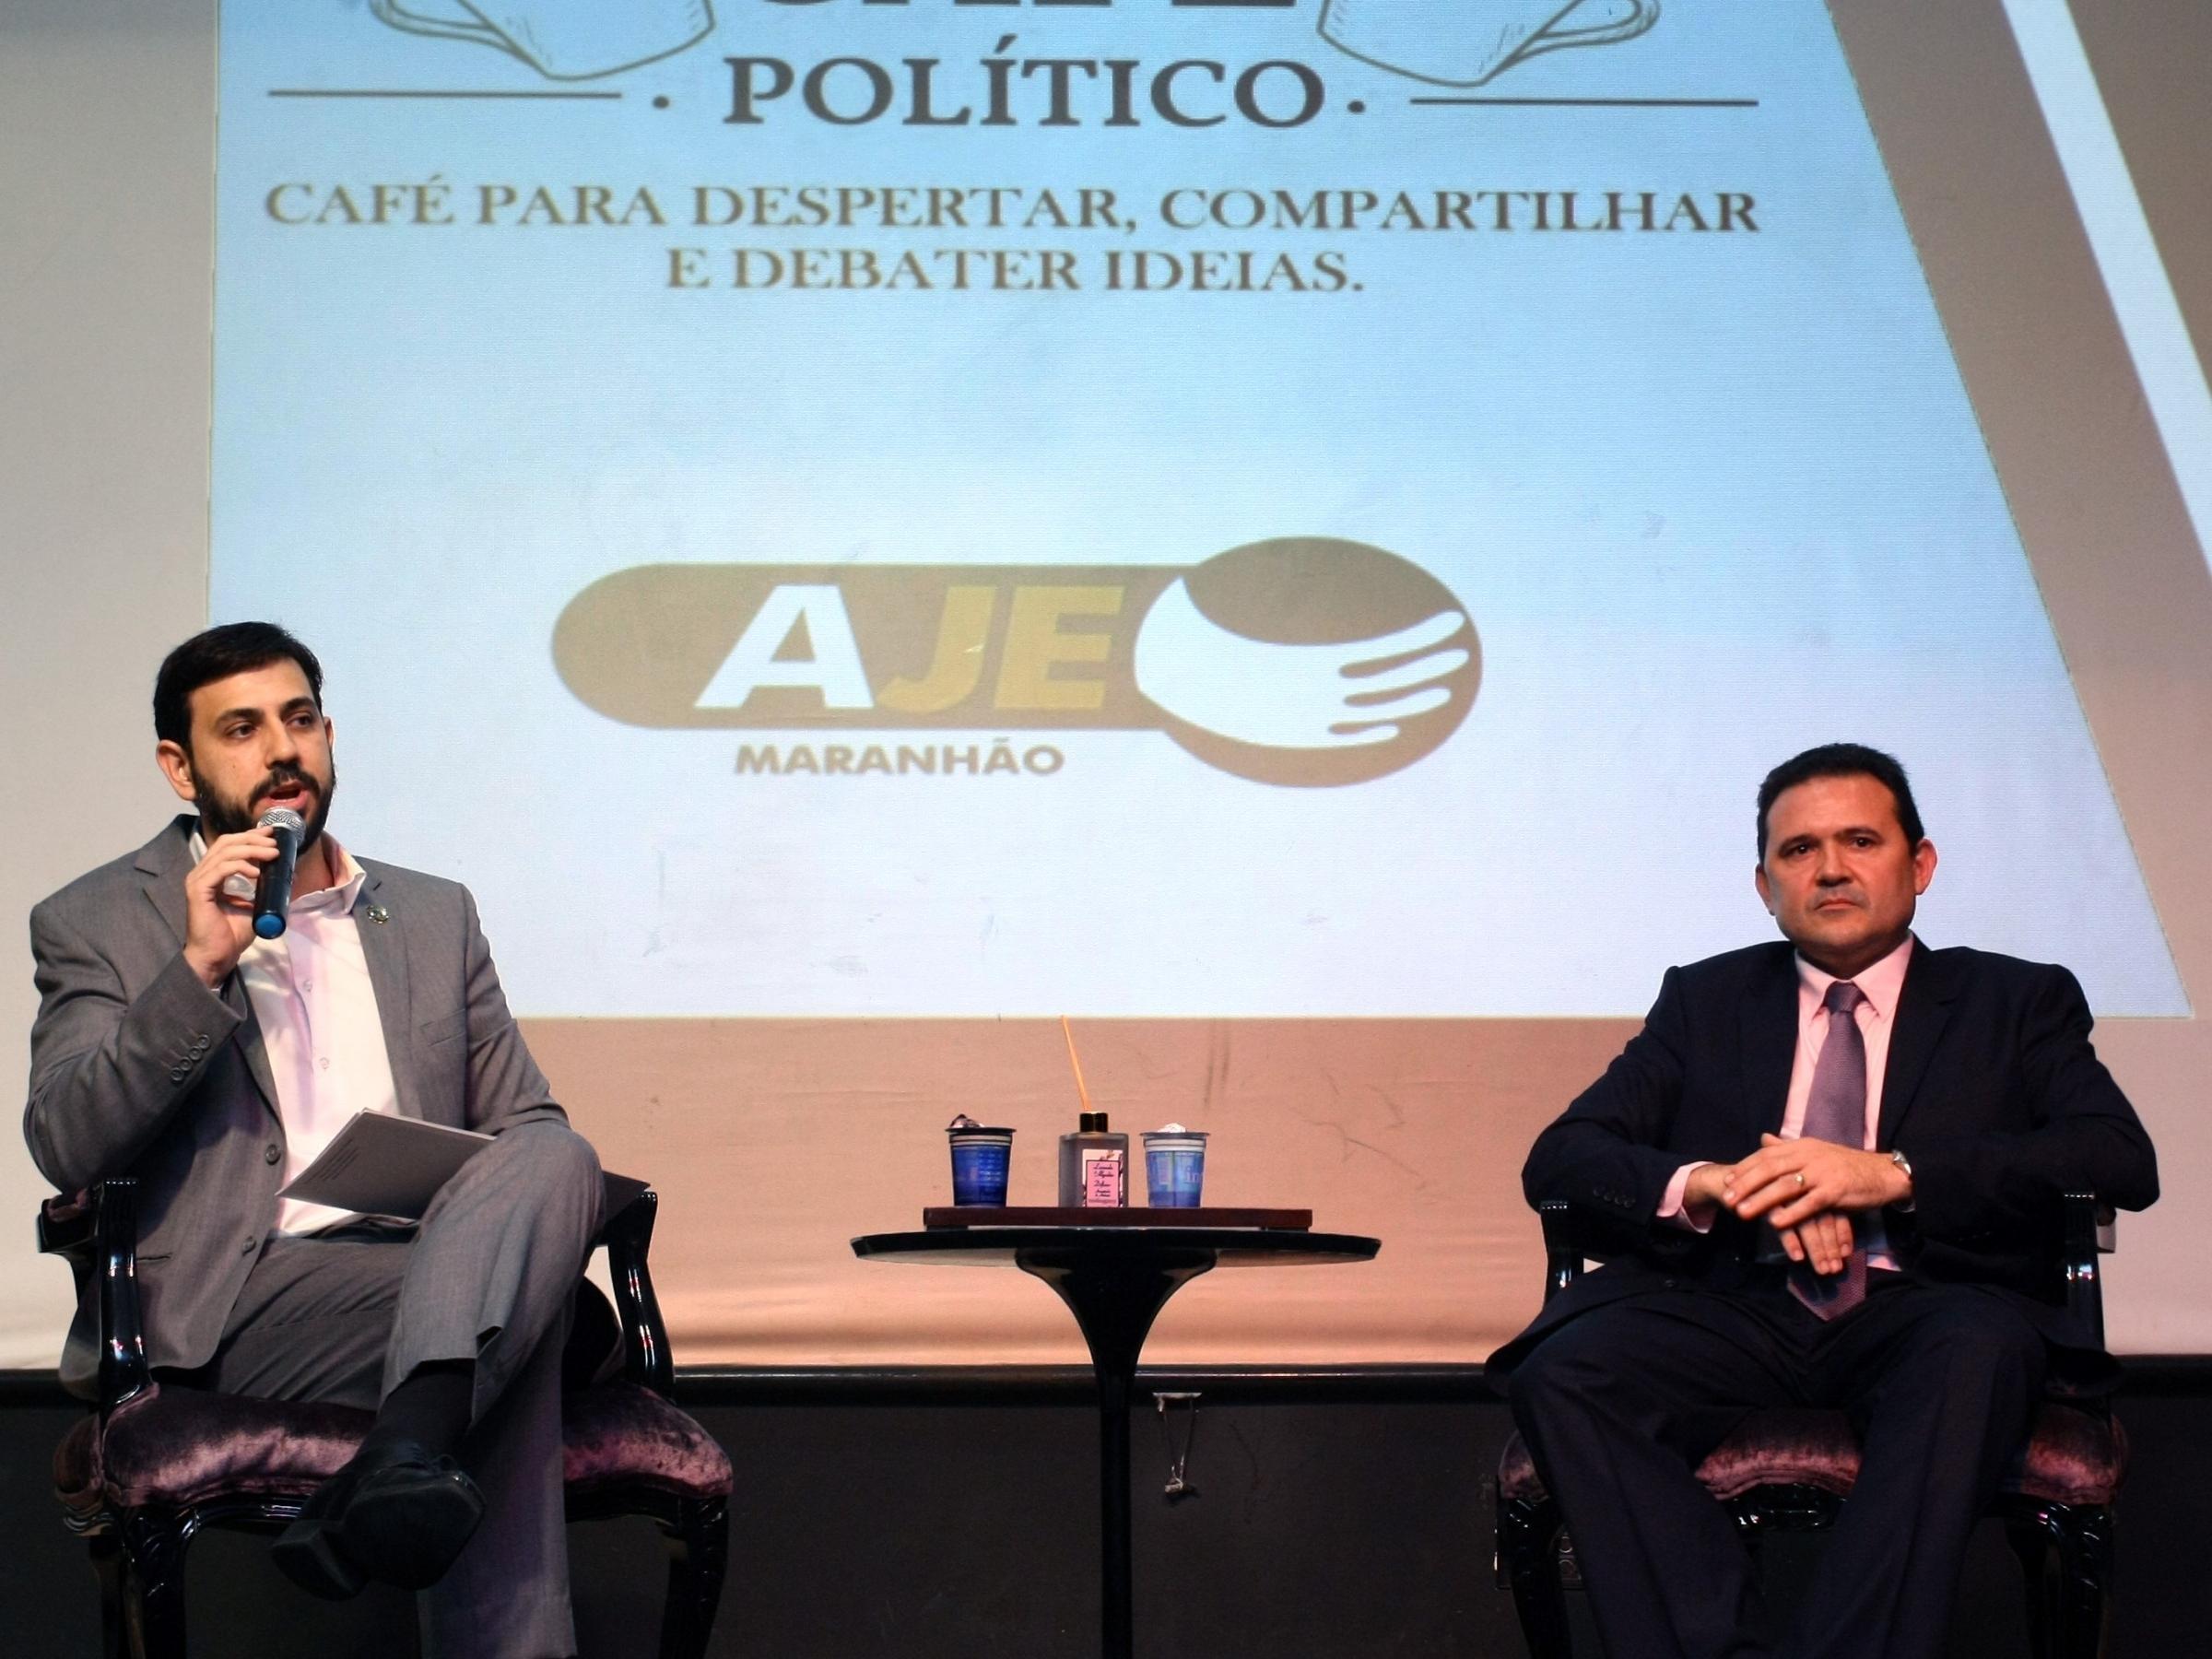 1_cafe_politico__felipe_mussalem_e_vicente_araujo__foto_honorio_moreira__6_-343116